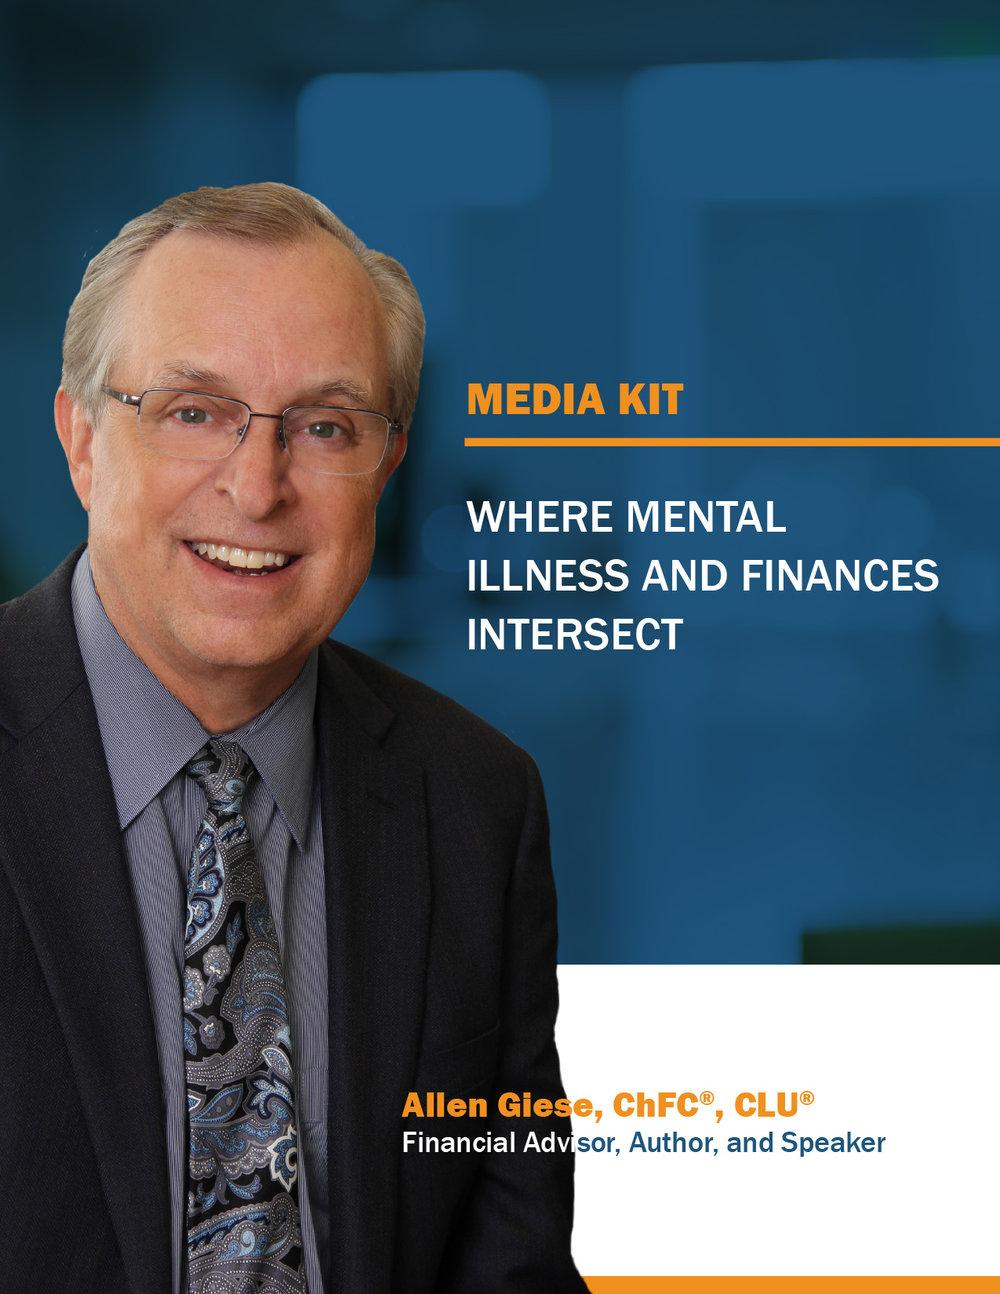 Media-Kit-Mental-Illness-Allen-Giese-1.jpg